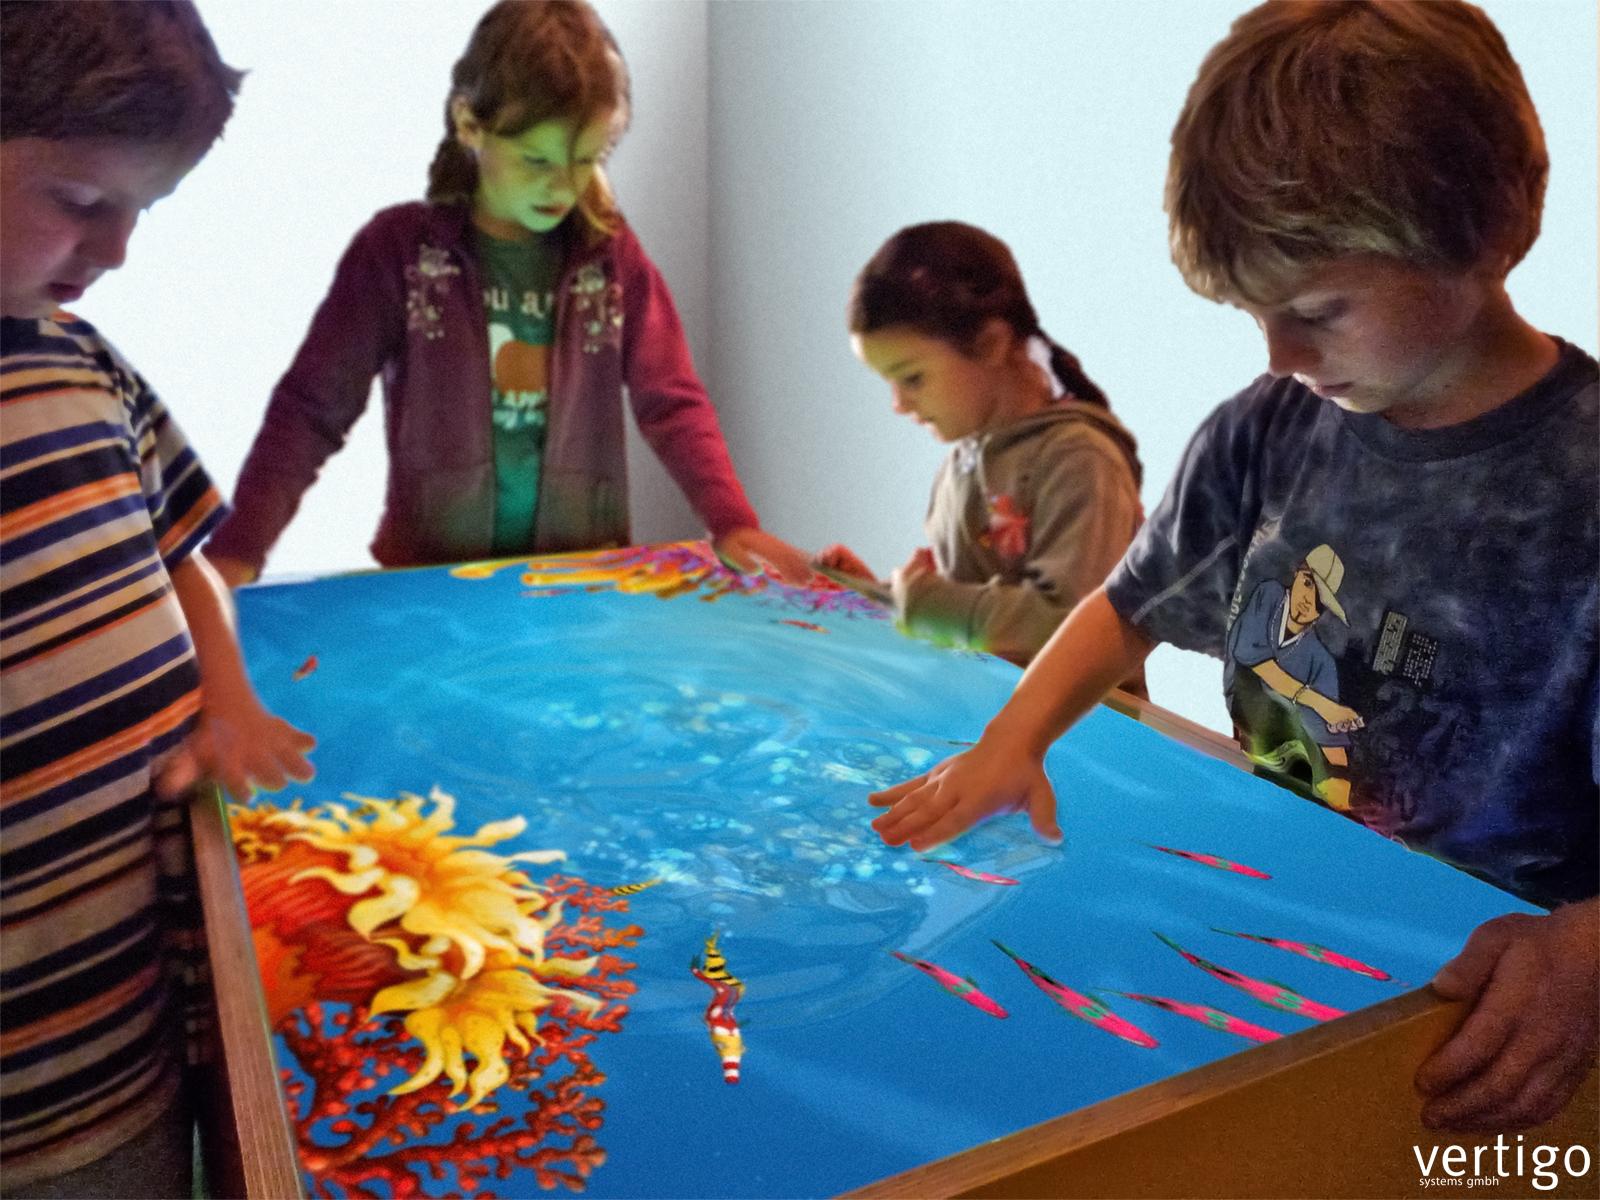 Am Interaktiven Kinderspieltisch Gemeinsam Spielen Und Spaß Haben